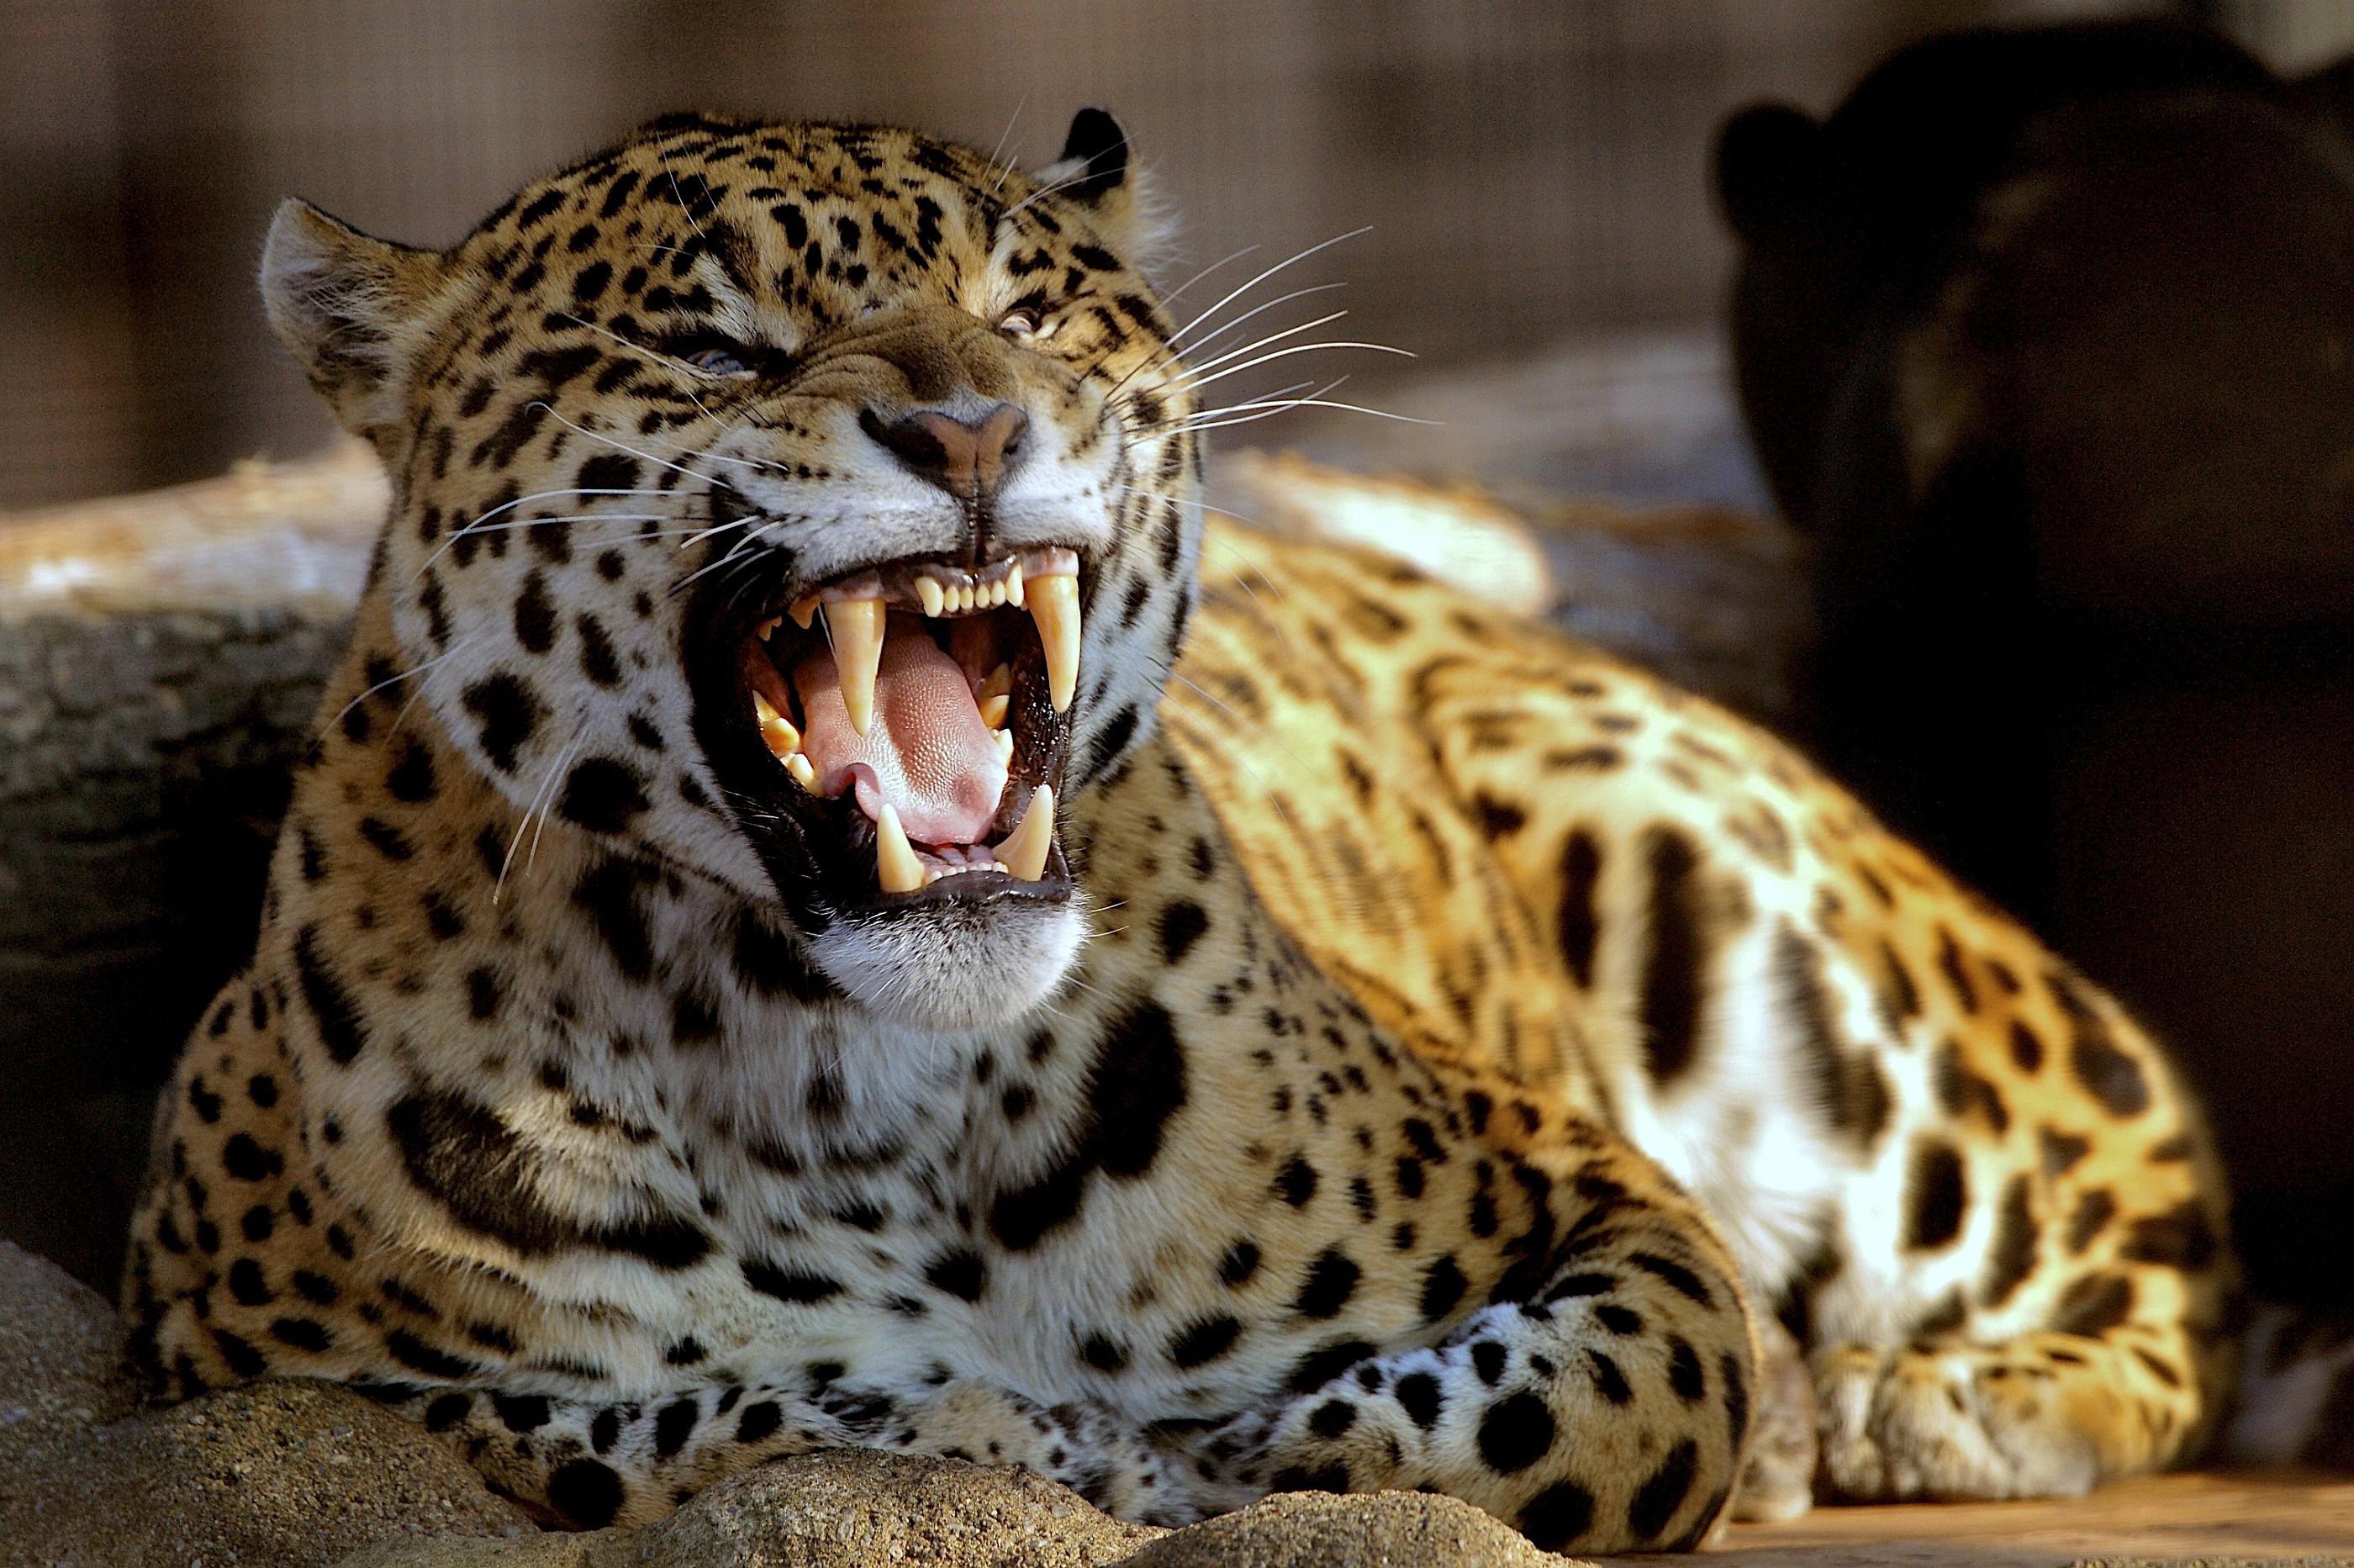 Le migliori immagini fotografie di animali in alta for Foto desktop animali